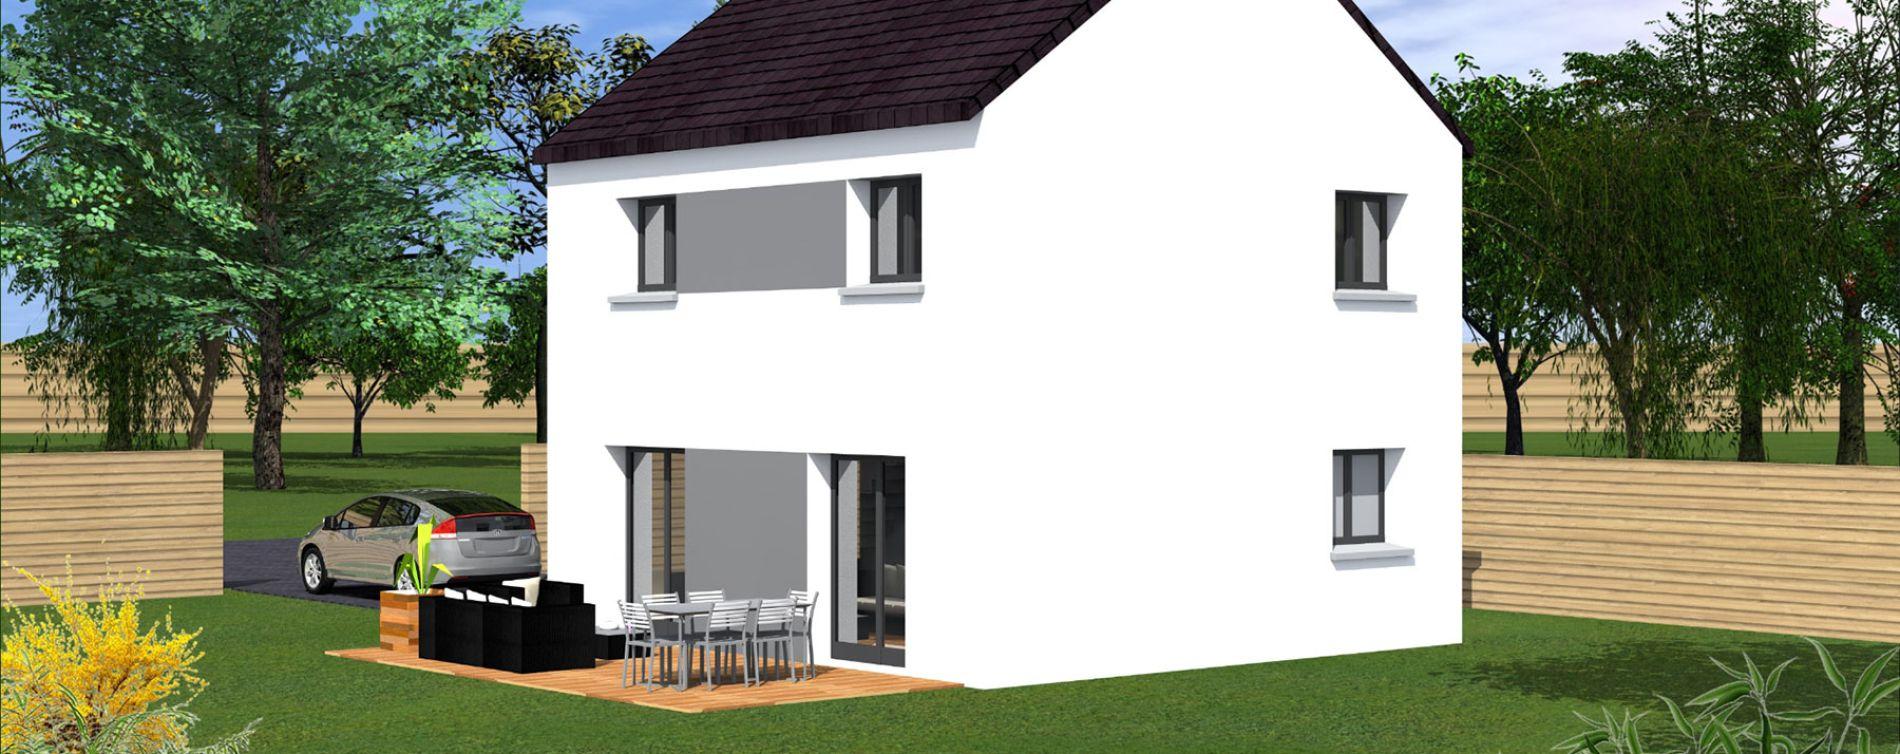 Saint-Pol-de-Léon : programme immobilier neuve « Île Blanche » (5)